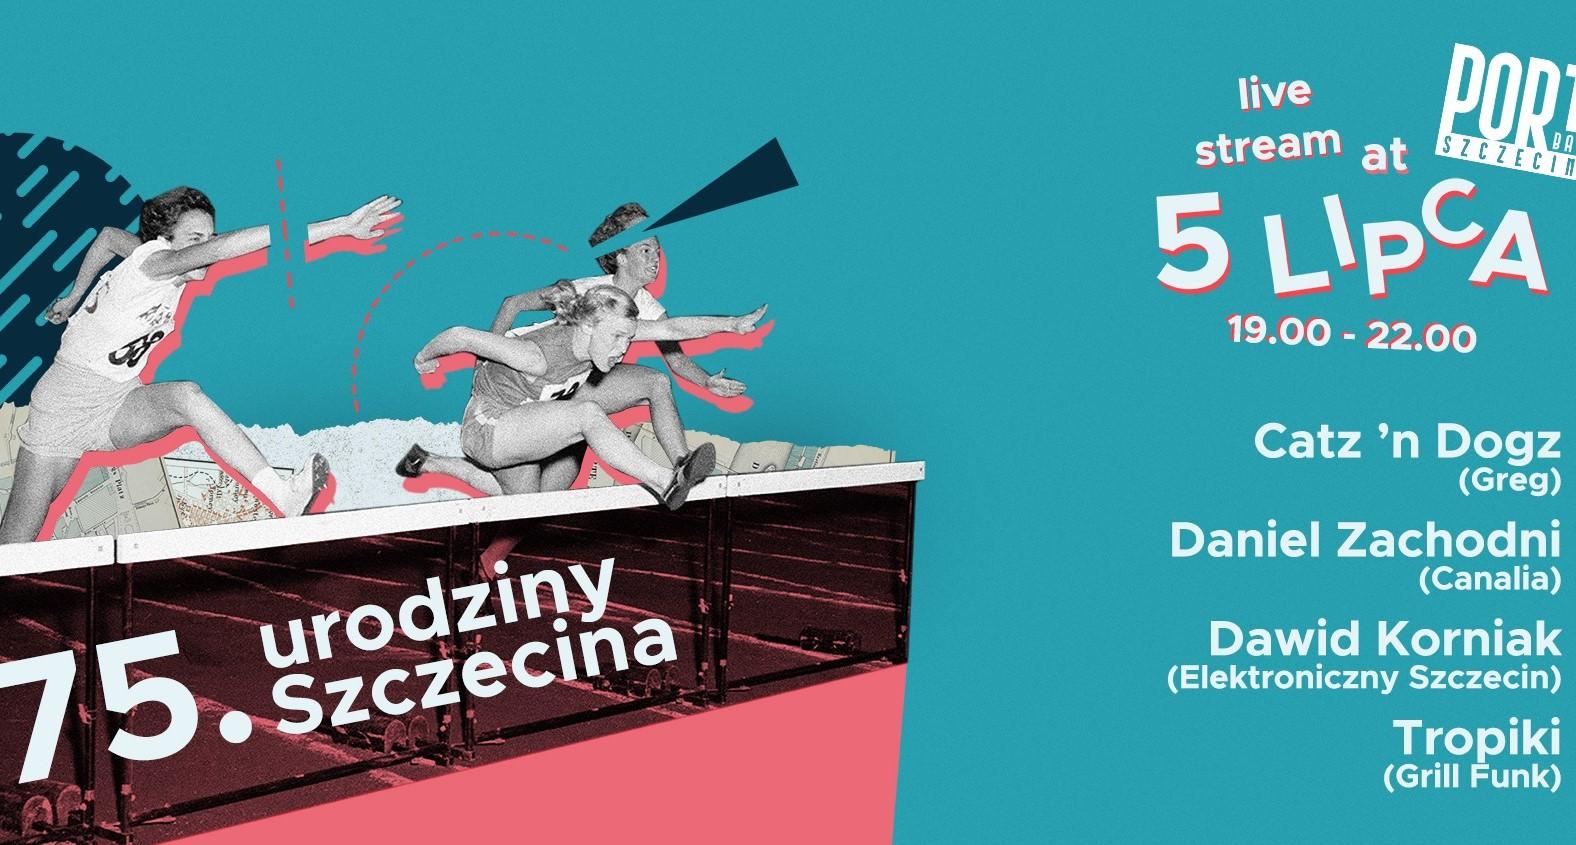 75 urodziny Szczecina Livestream #supportyourlocaldjs